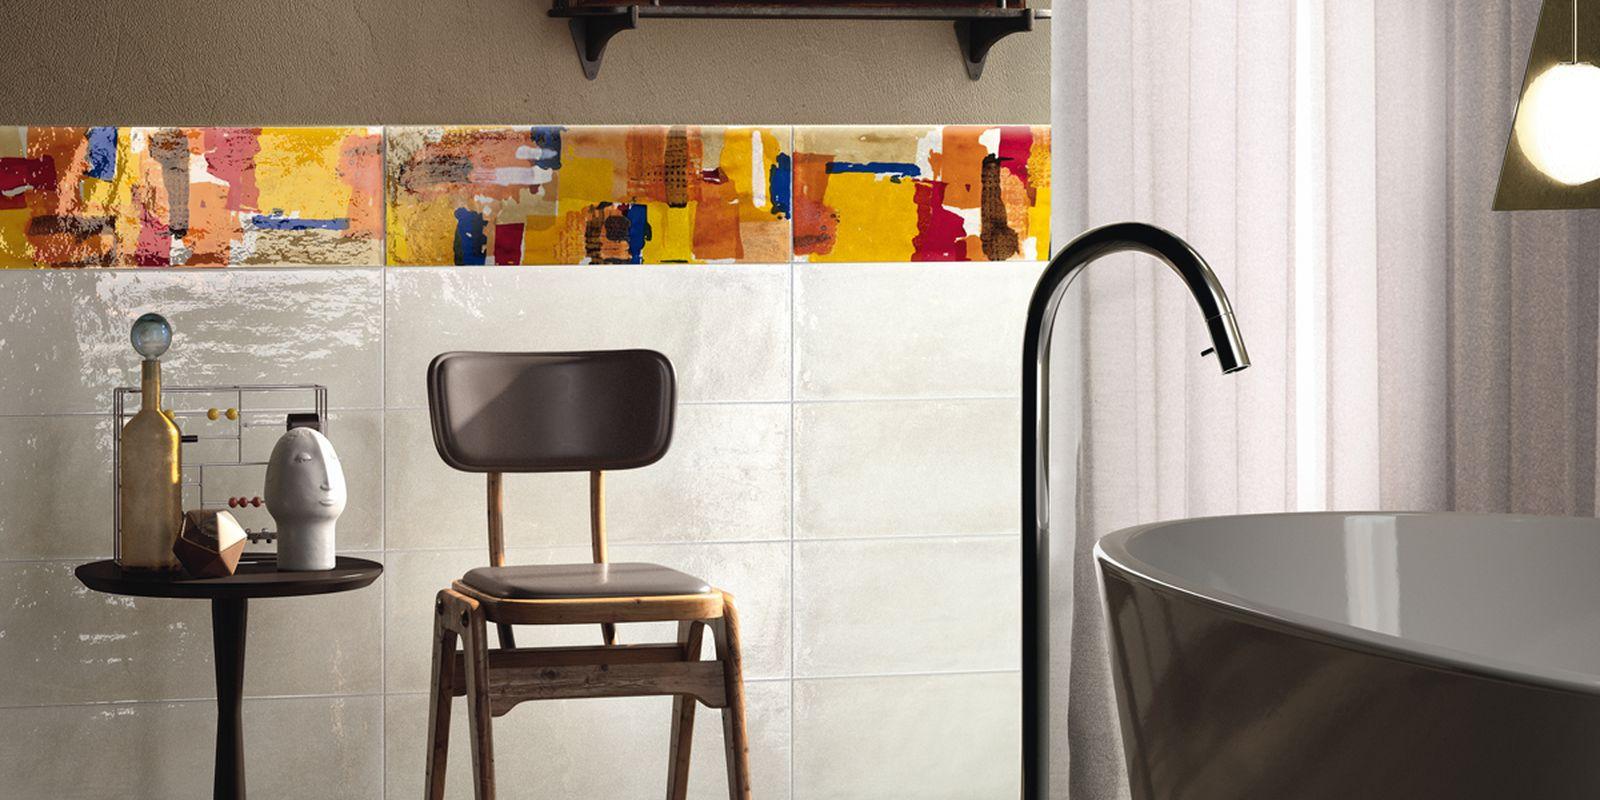 Shades cooperativa ceramiche d 39 imola rivestimenti gres porcellanato e ceramica - Arredo bagno imola ...